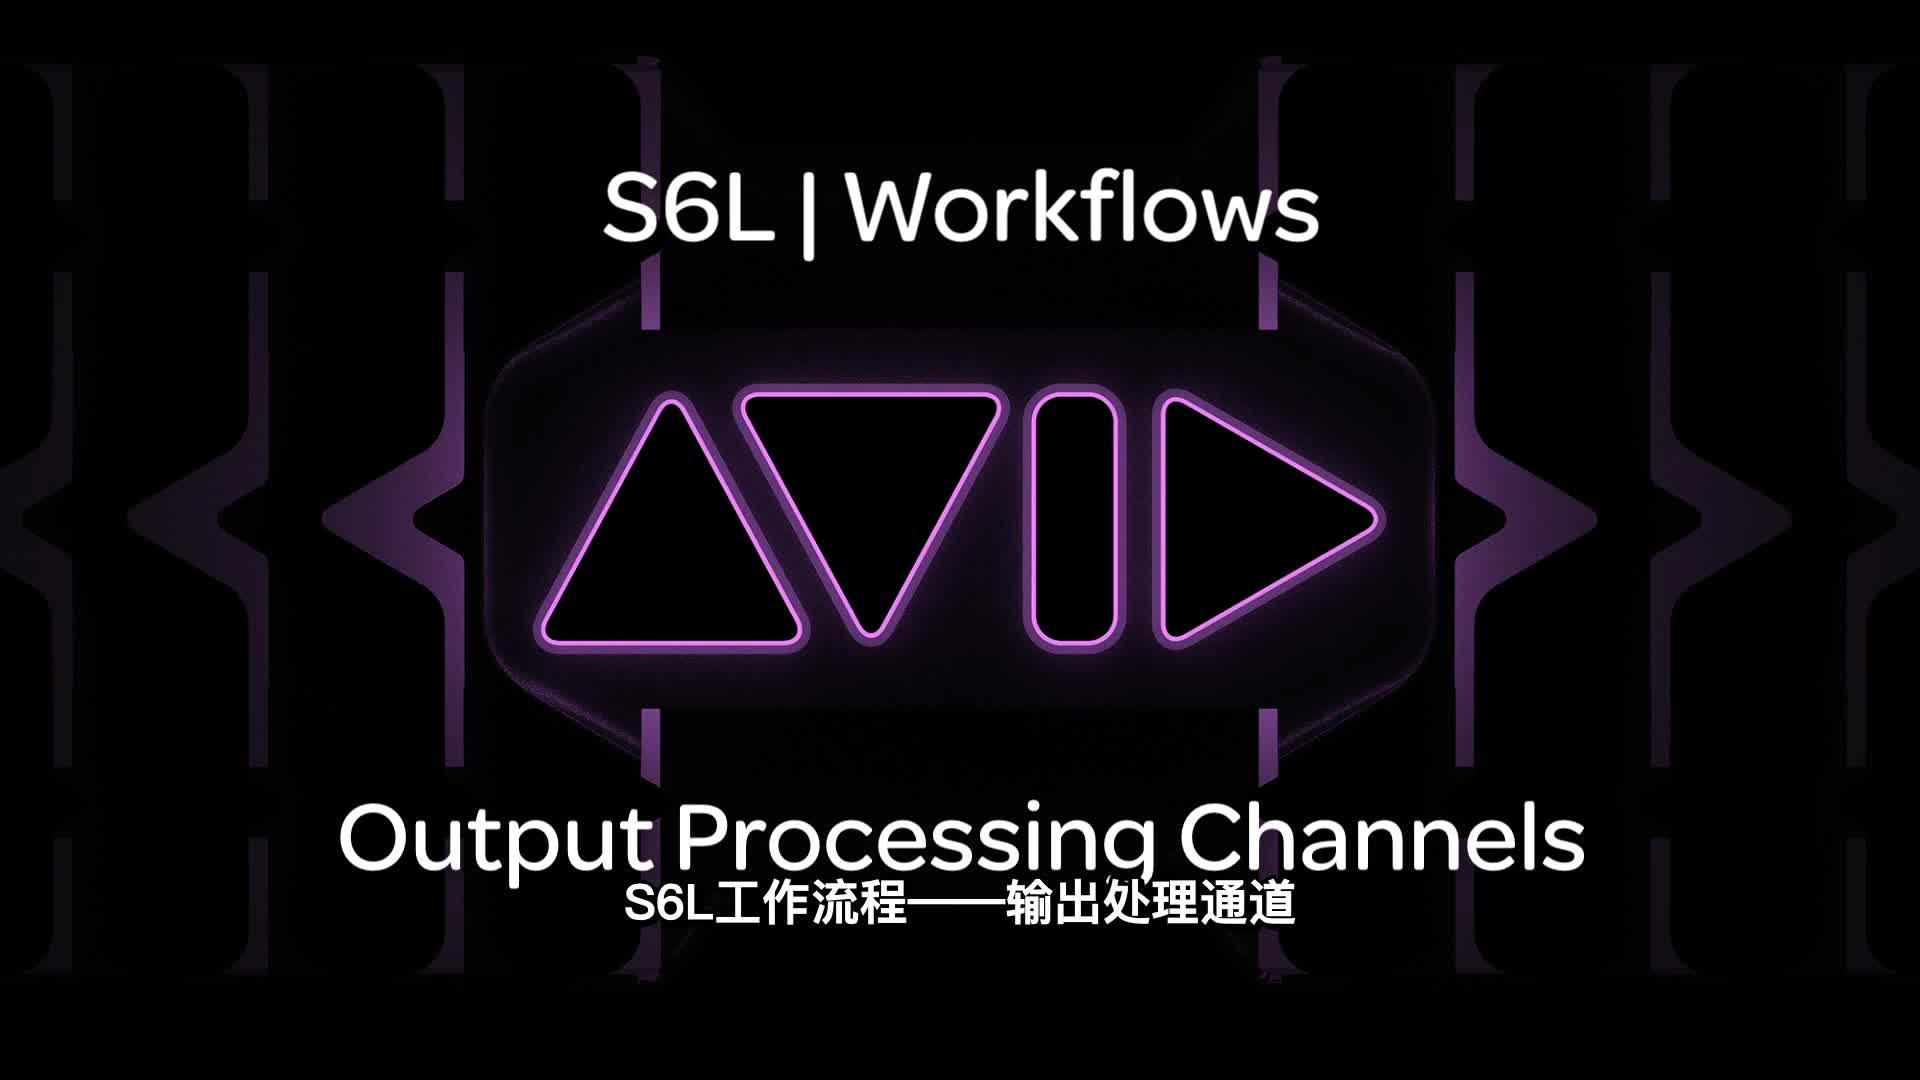 03 VENUE  S6L|Workflows Output Processing Channels